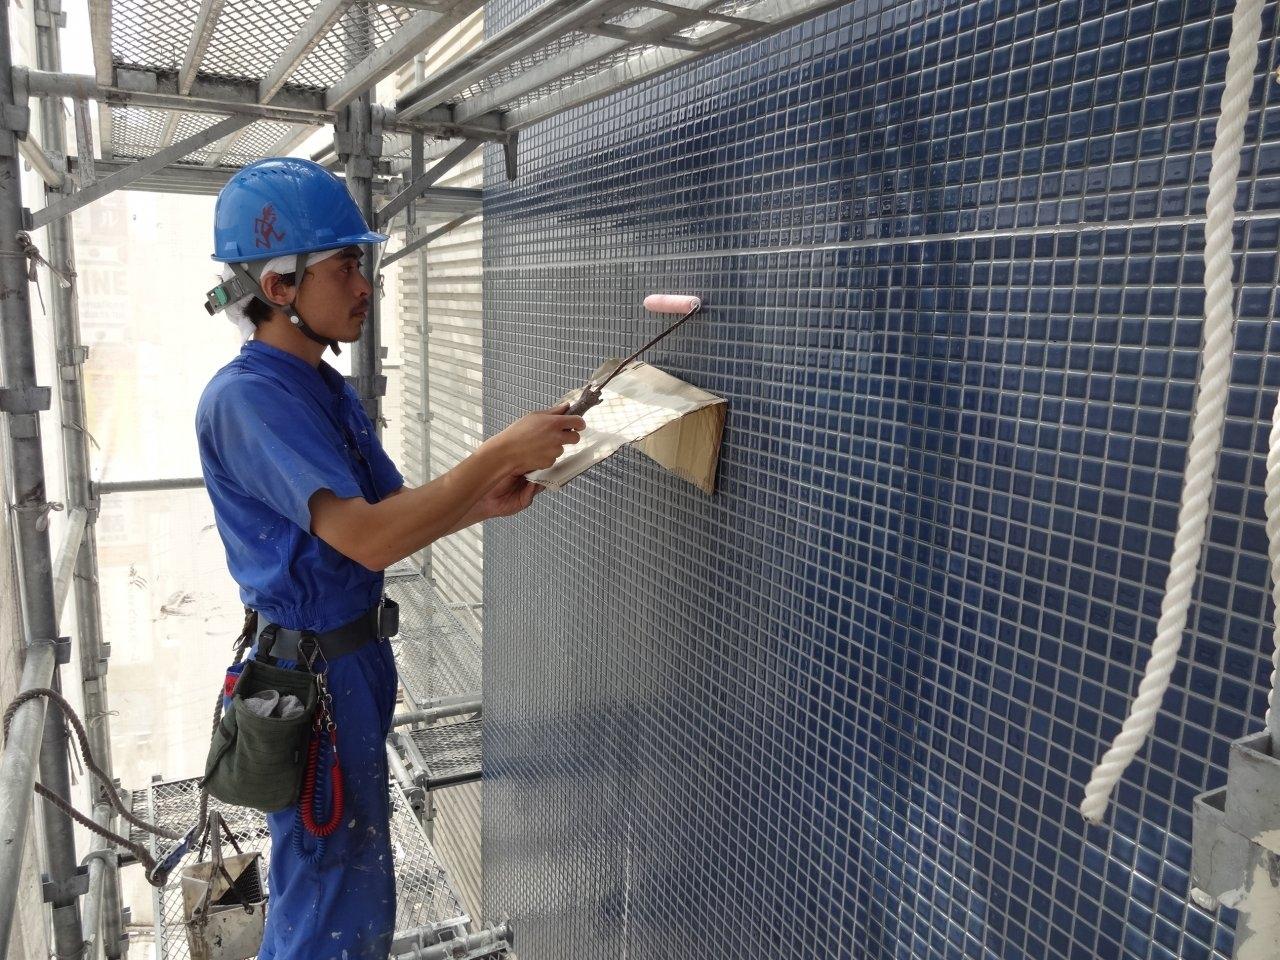 外壁保護撥水剤塗布2 タイル